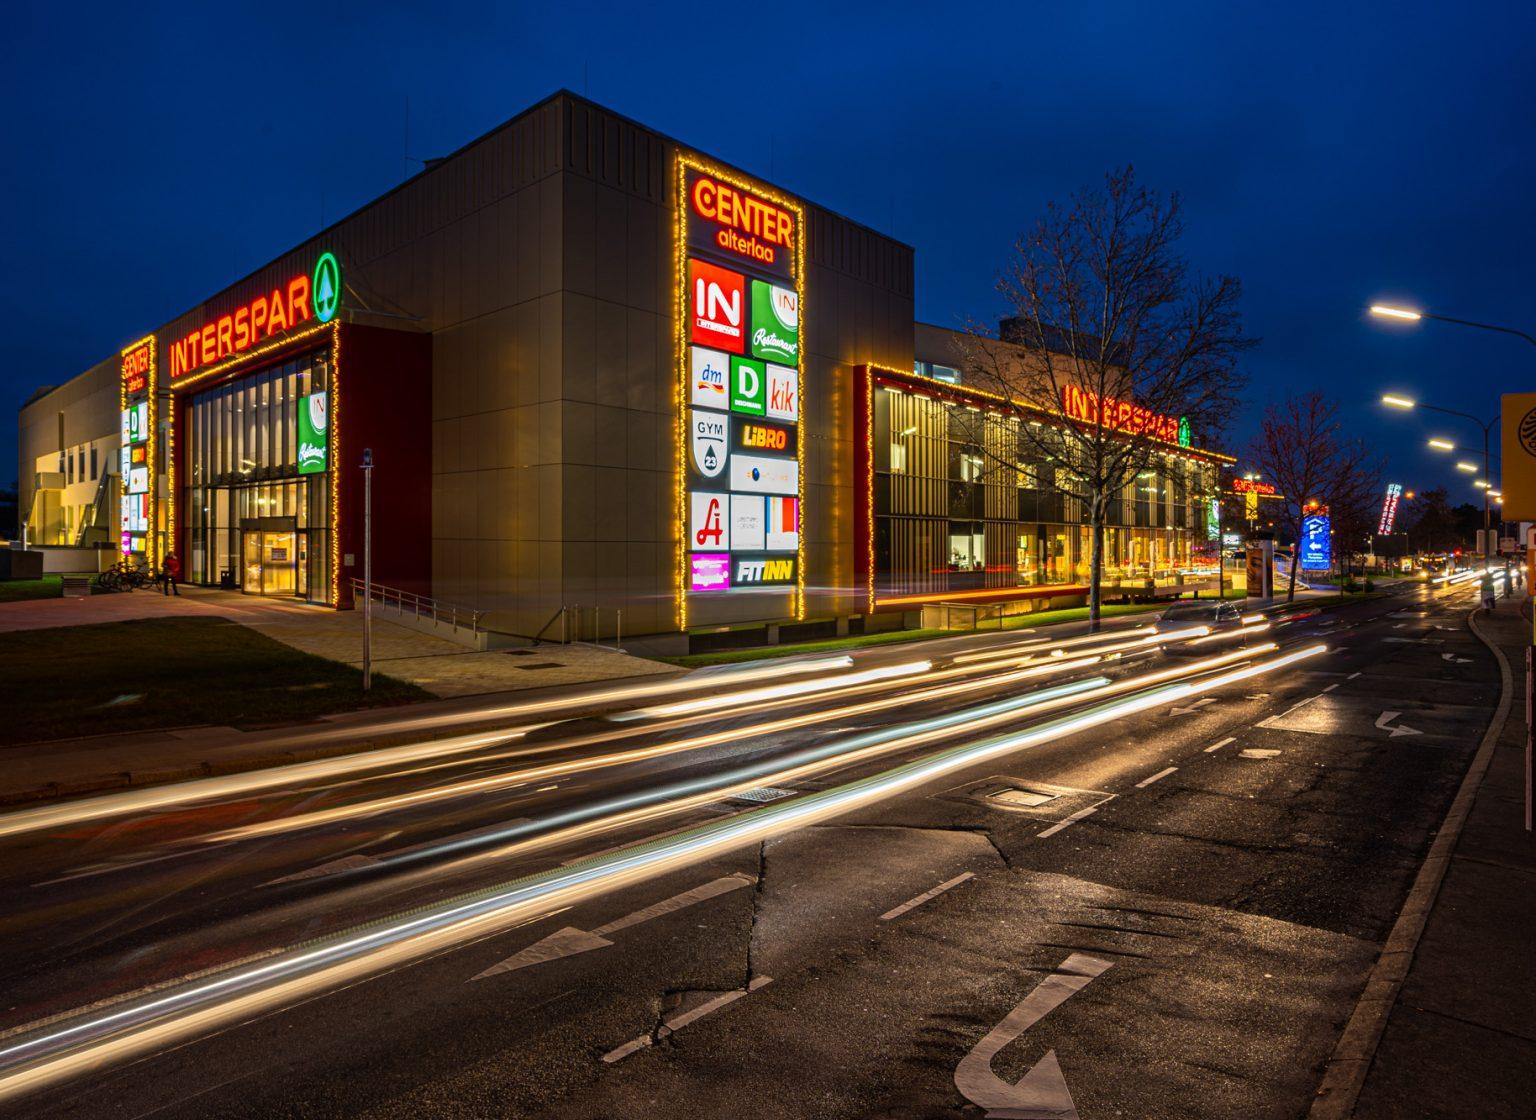 Außenansicht der Center Alterlaa in Wien, Österrreich